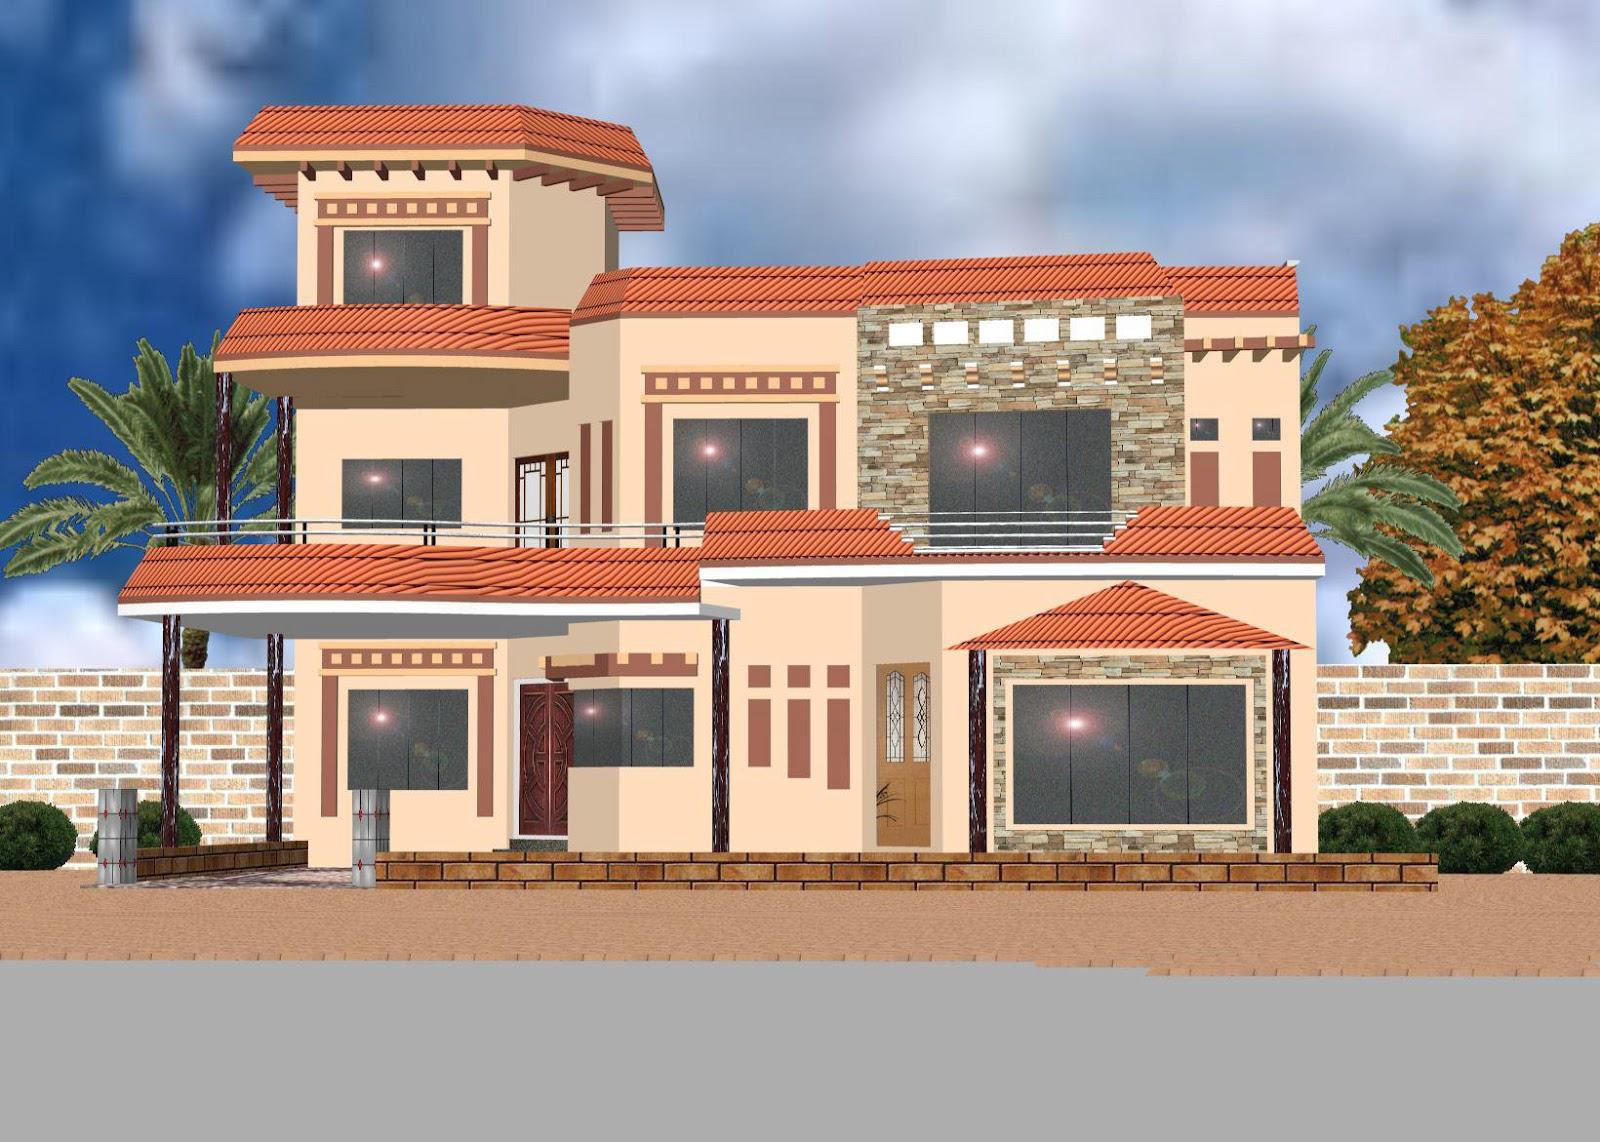 ... Elevation Of Houses In Pakistan | Joy Studio Design Gallery - Best